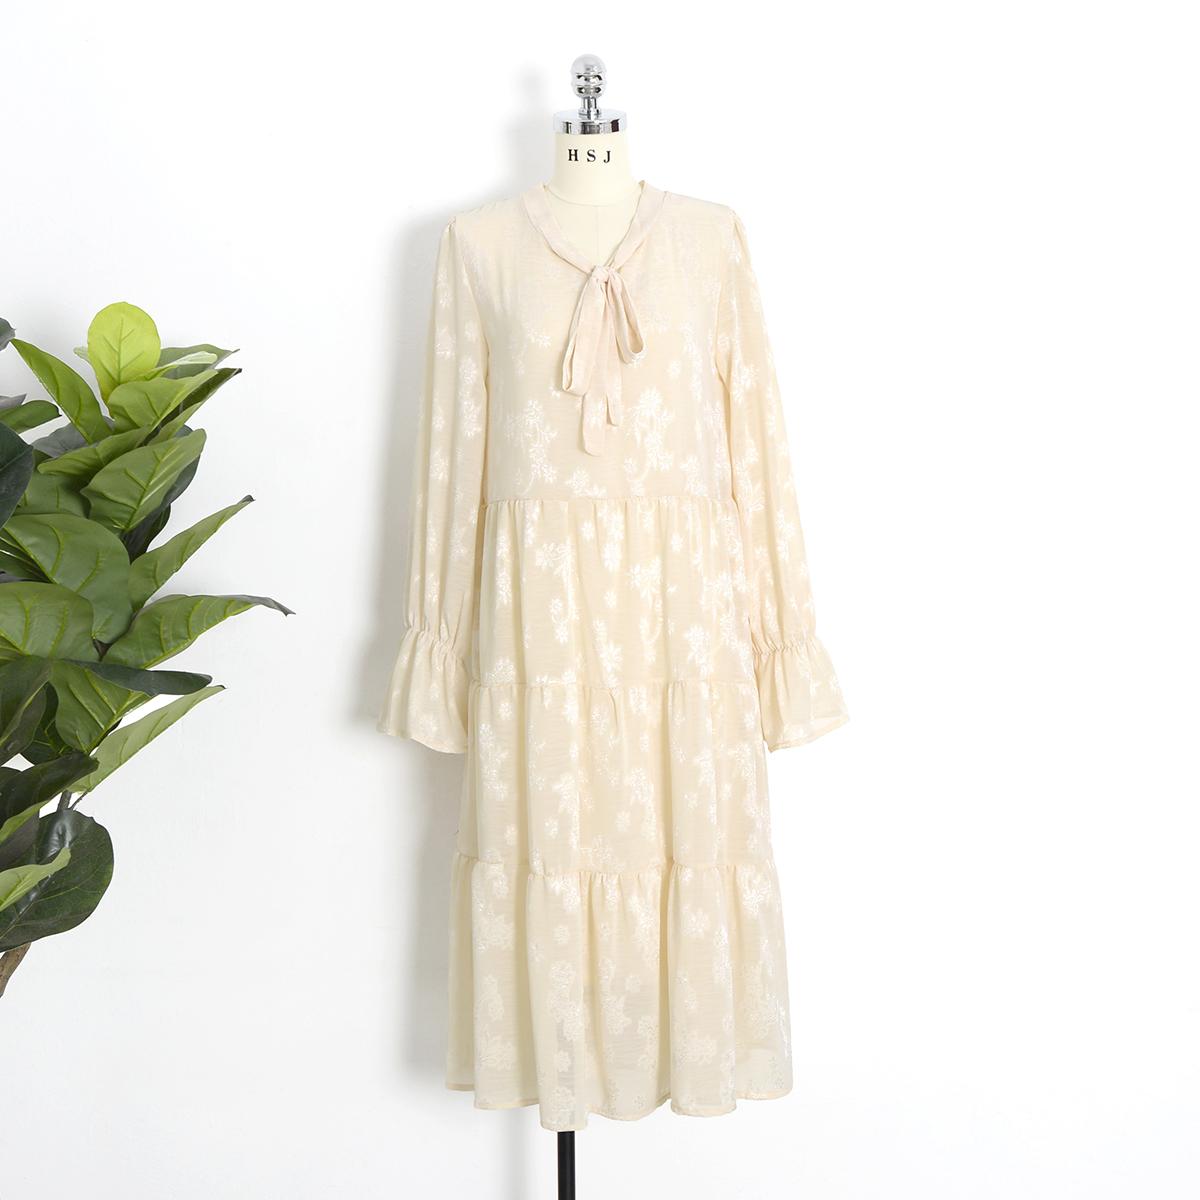 (用70元券)法式连衣裙秋装2019年新款女收腰显瘦提花系带气质蛋糕裙